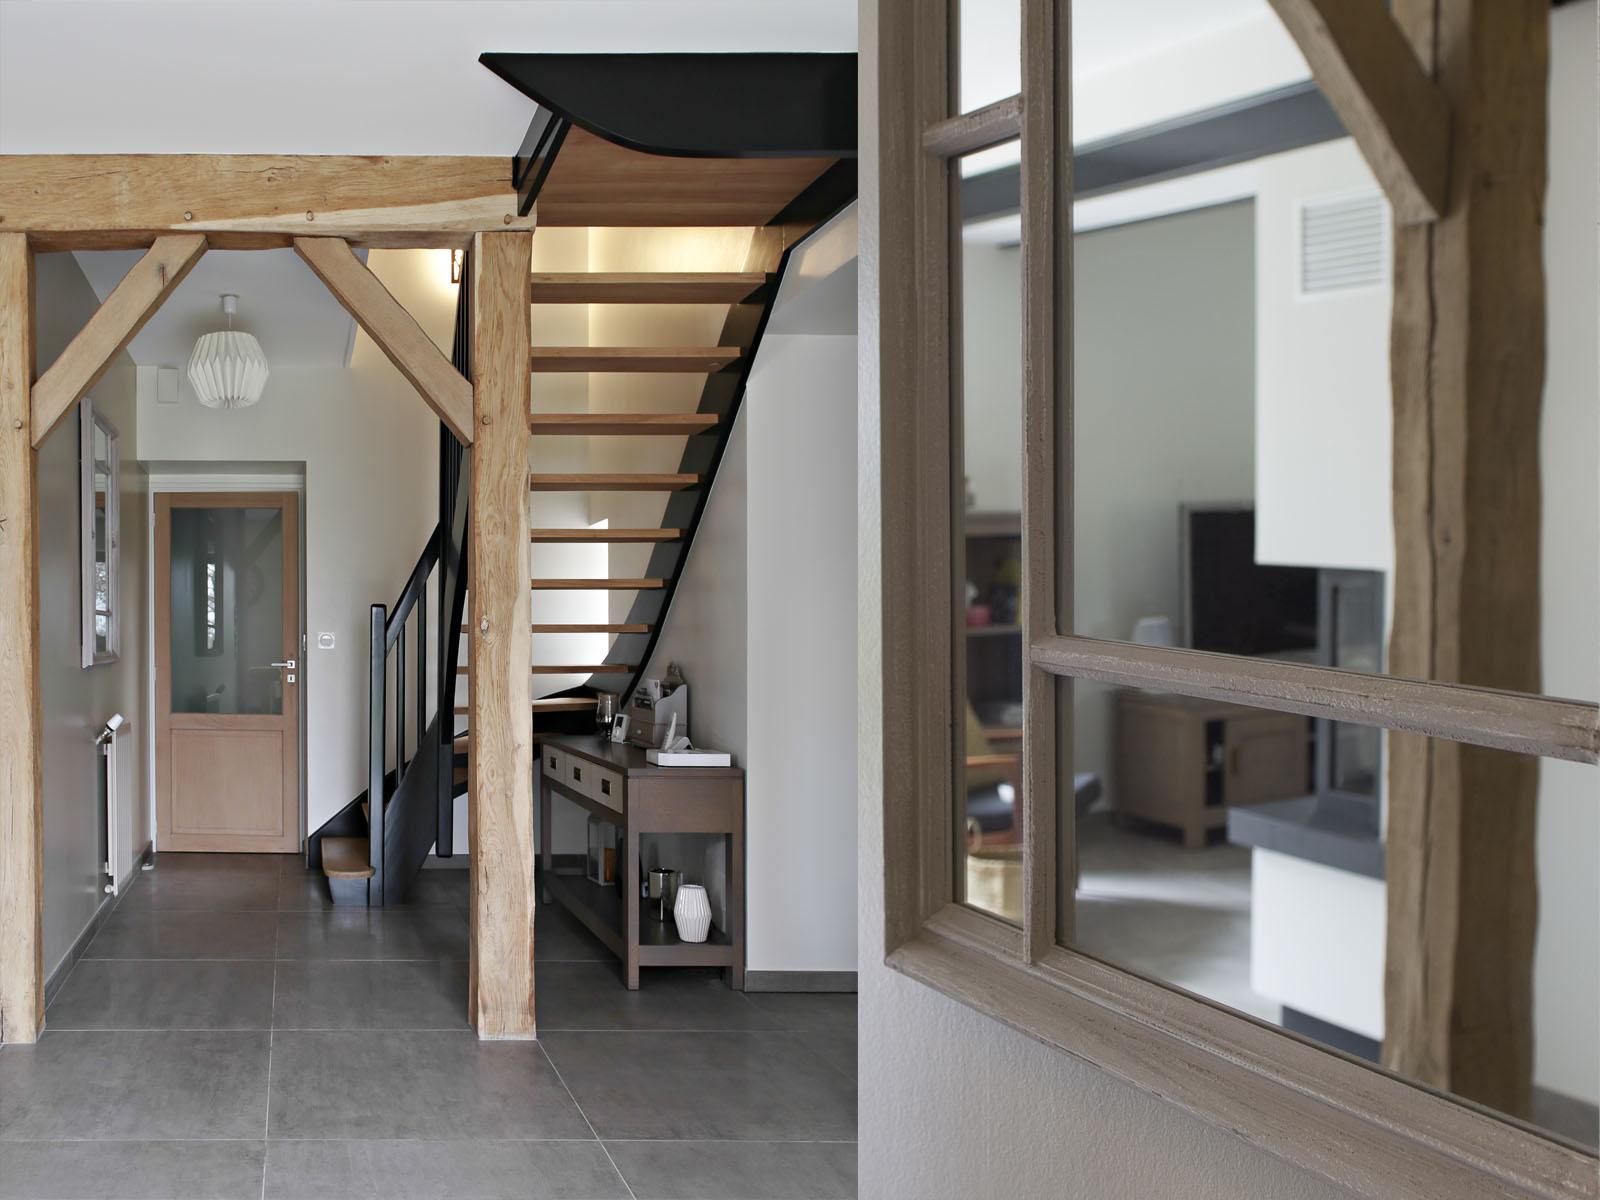 d coration d 39 une maison rennes nord gw naelle hoyet d coratrice d 39 int rieur et photographe. Black Bedroom Furniture Sets. Home Design Ideas